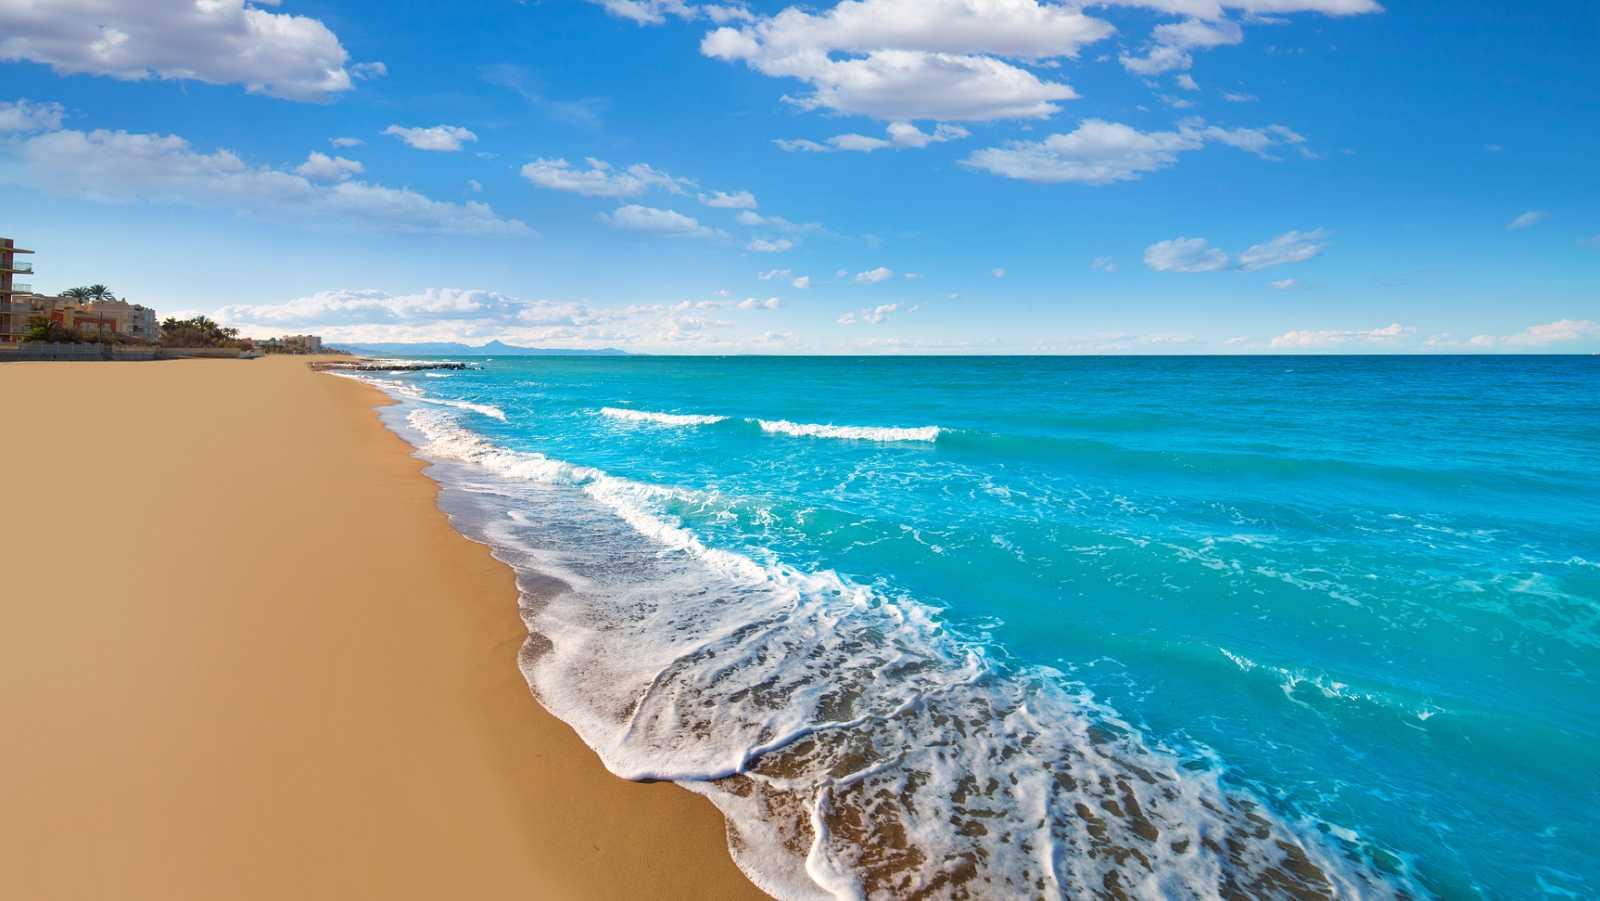 Europa abierta - Economía azul para un Mediterráneo pos-COVID - escuchar ahora